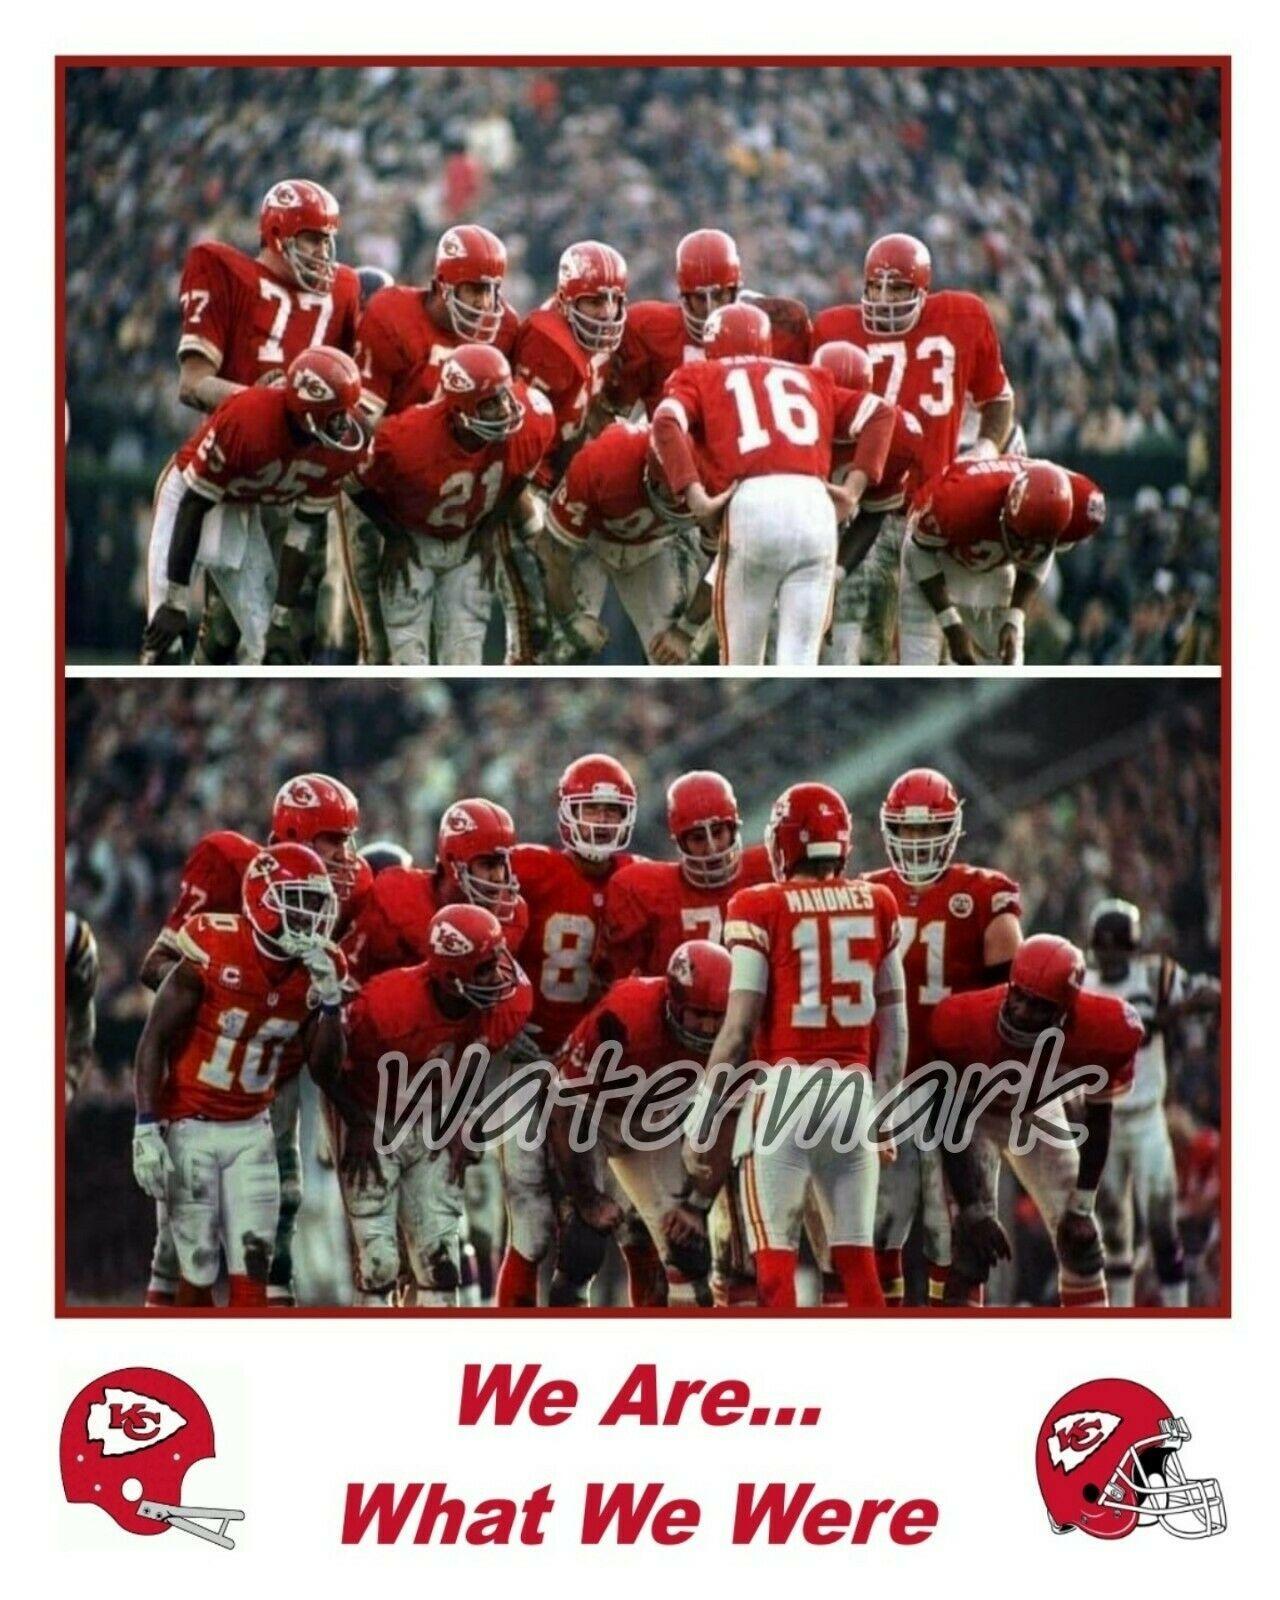 NFL Kansas City Chiefs Super Bowl Champs 1969 - 2019 Color 8 X 10 Photo Picture - $5.99